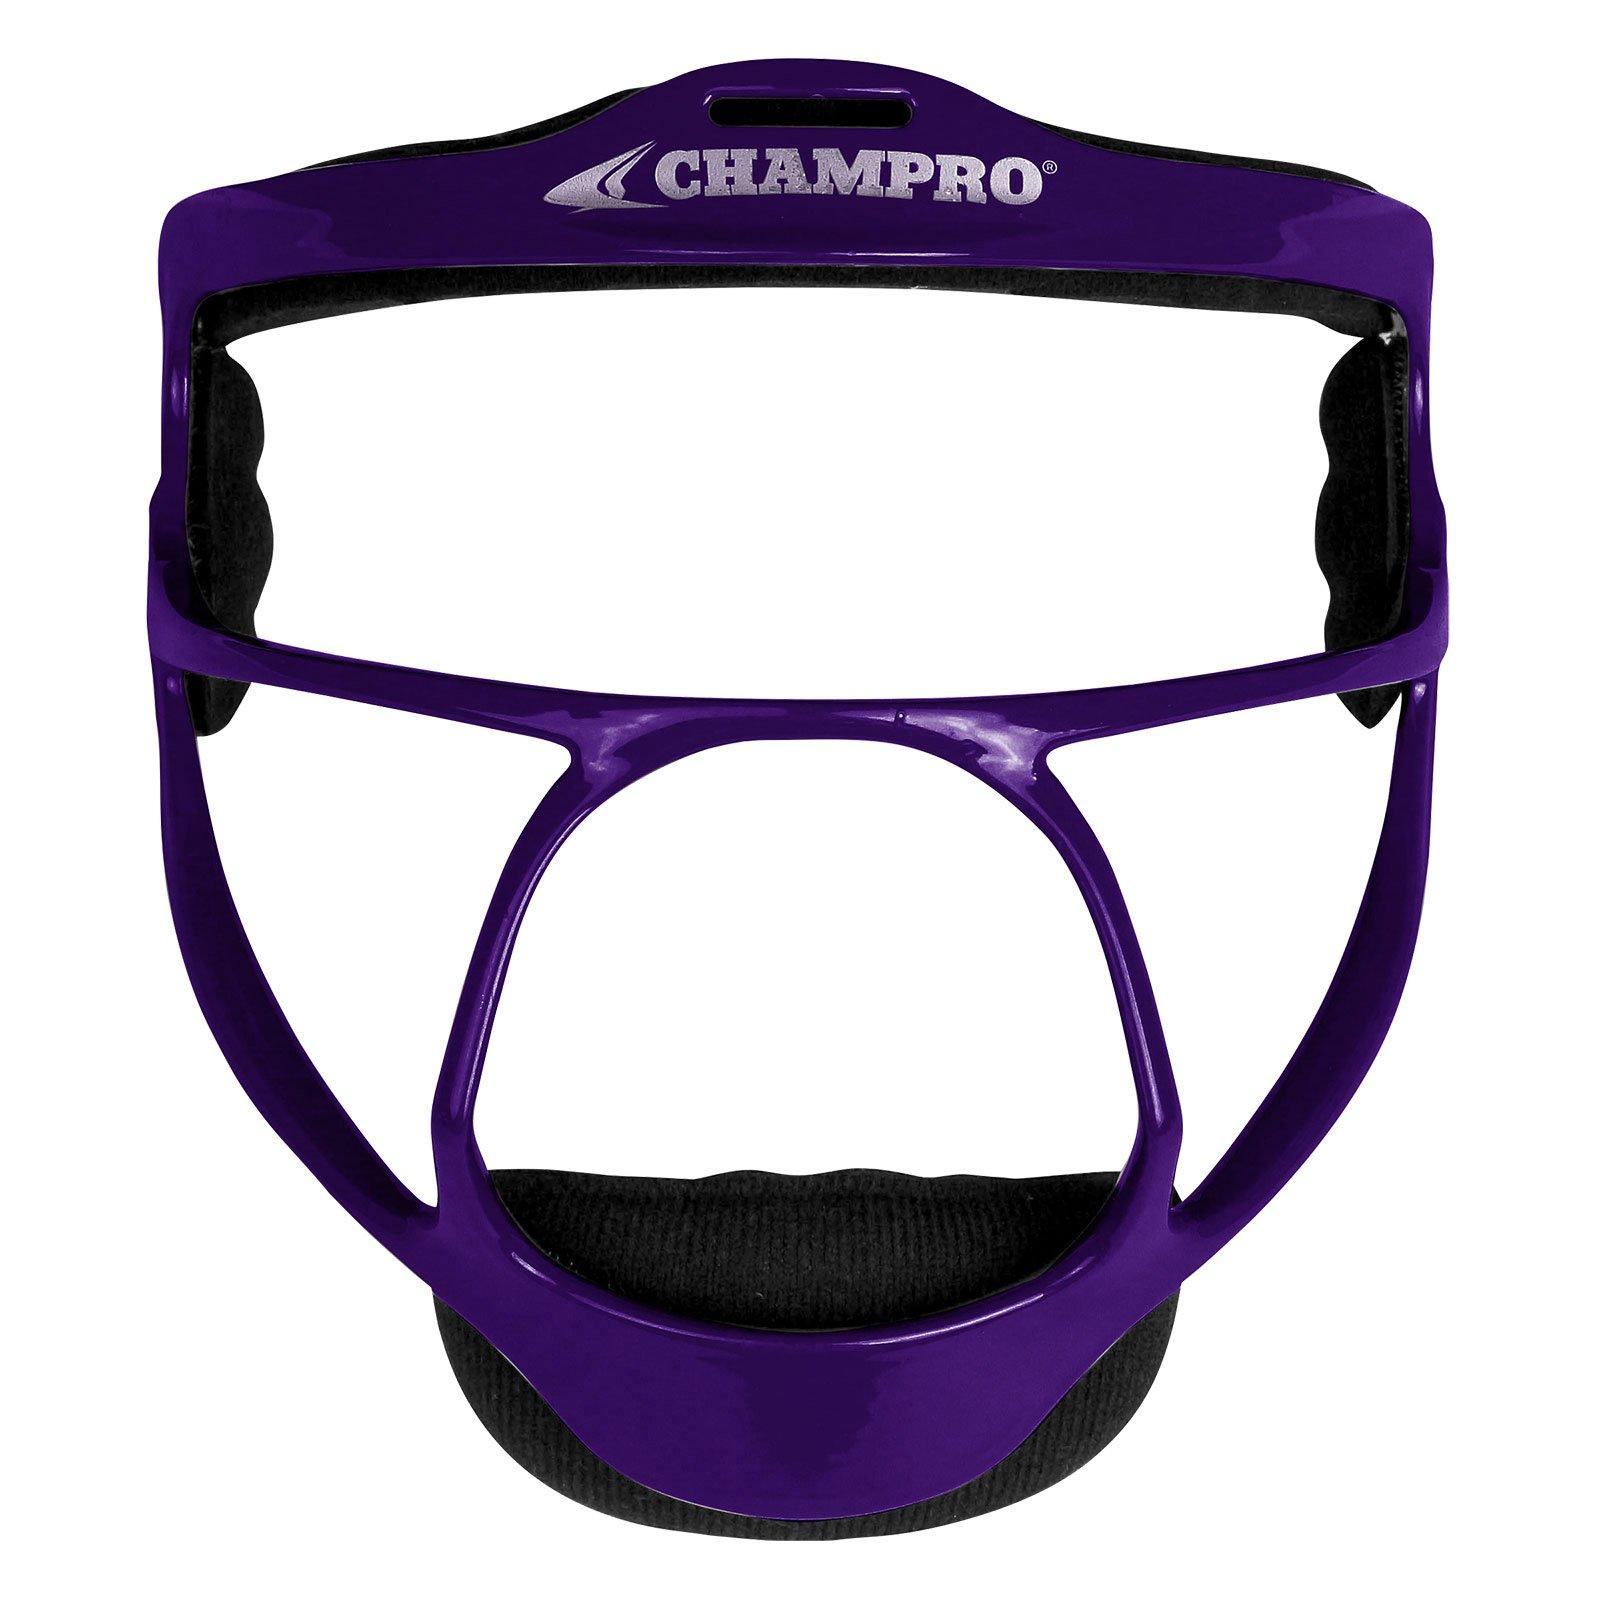 Champro Rampage Softball Fielders Mask, Youth, Purple by CHAMPRO